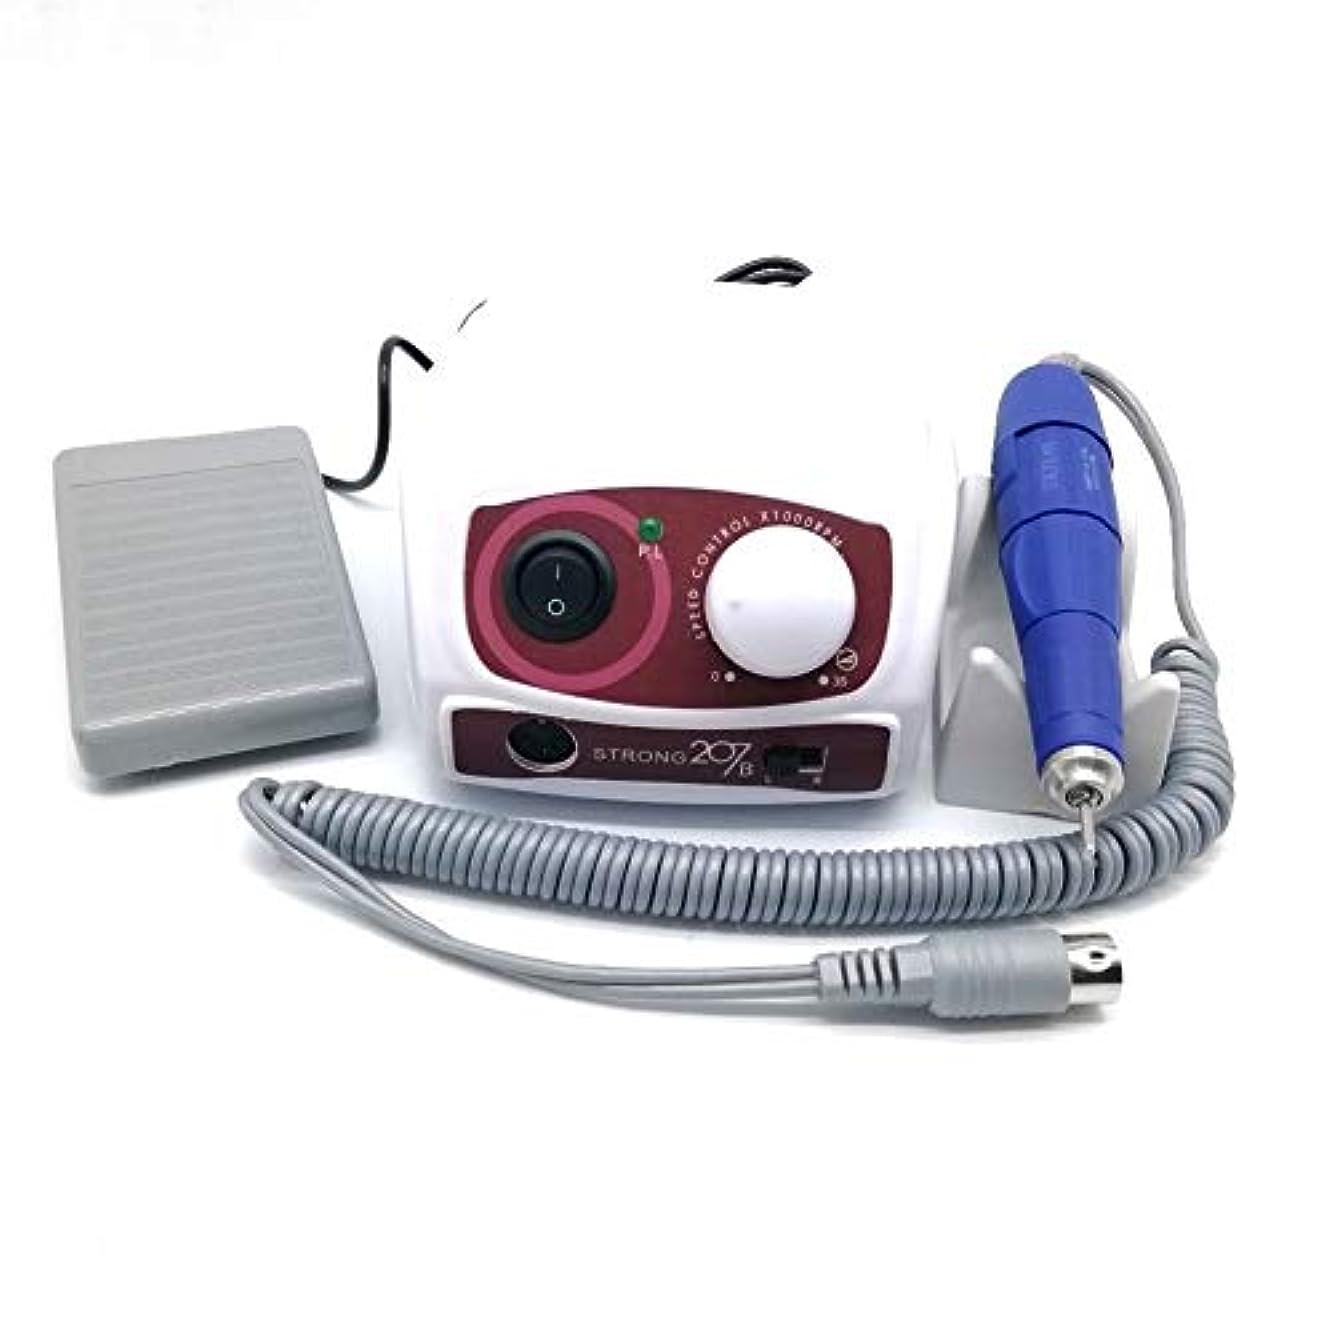 ルアージャンク連想ネイルポリッシュアートマニキュアツール用電動マニキュアドリルセット35000 RPMマイクロモーター